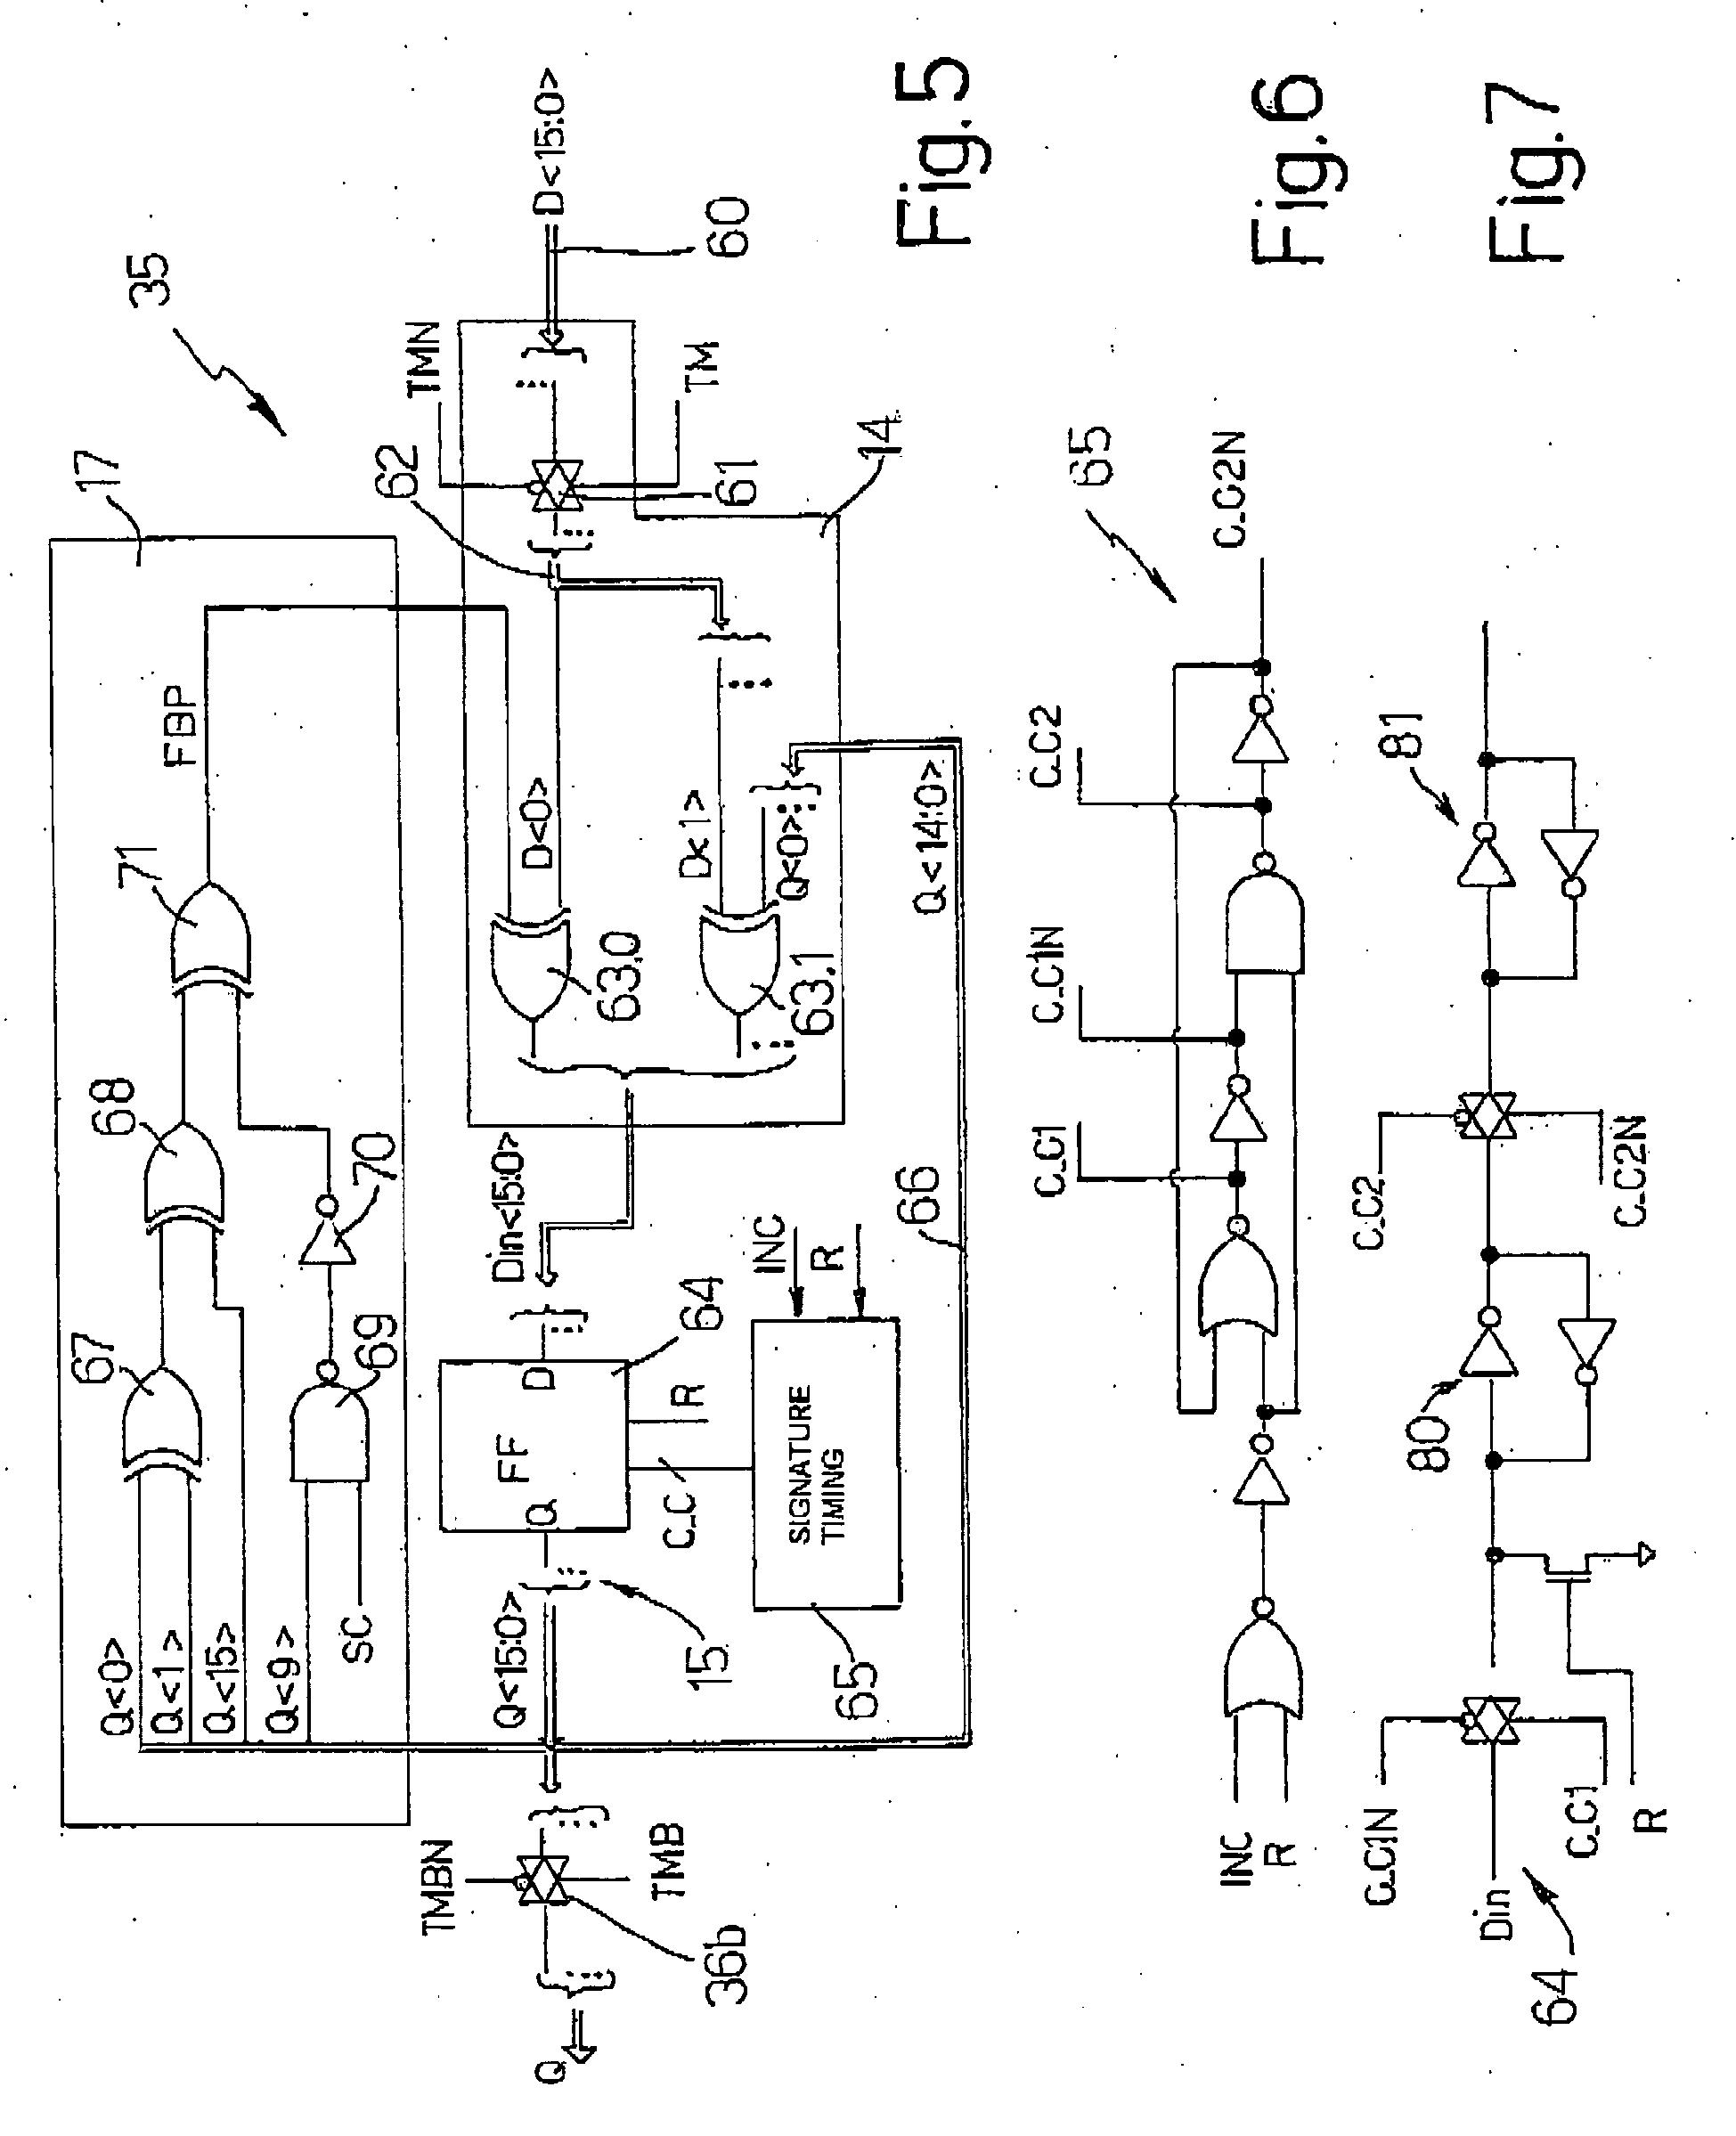 专利ep1089293b1 - memory